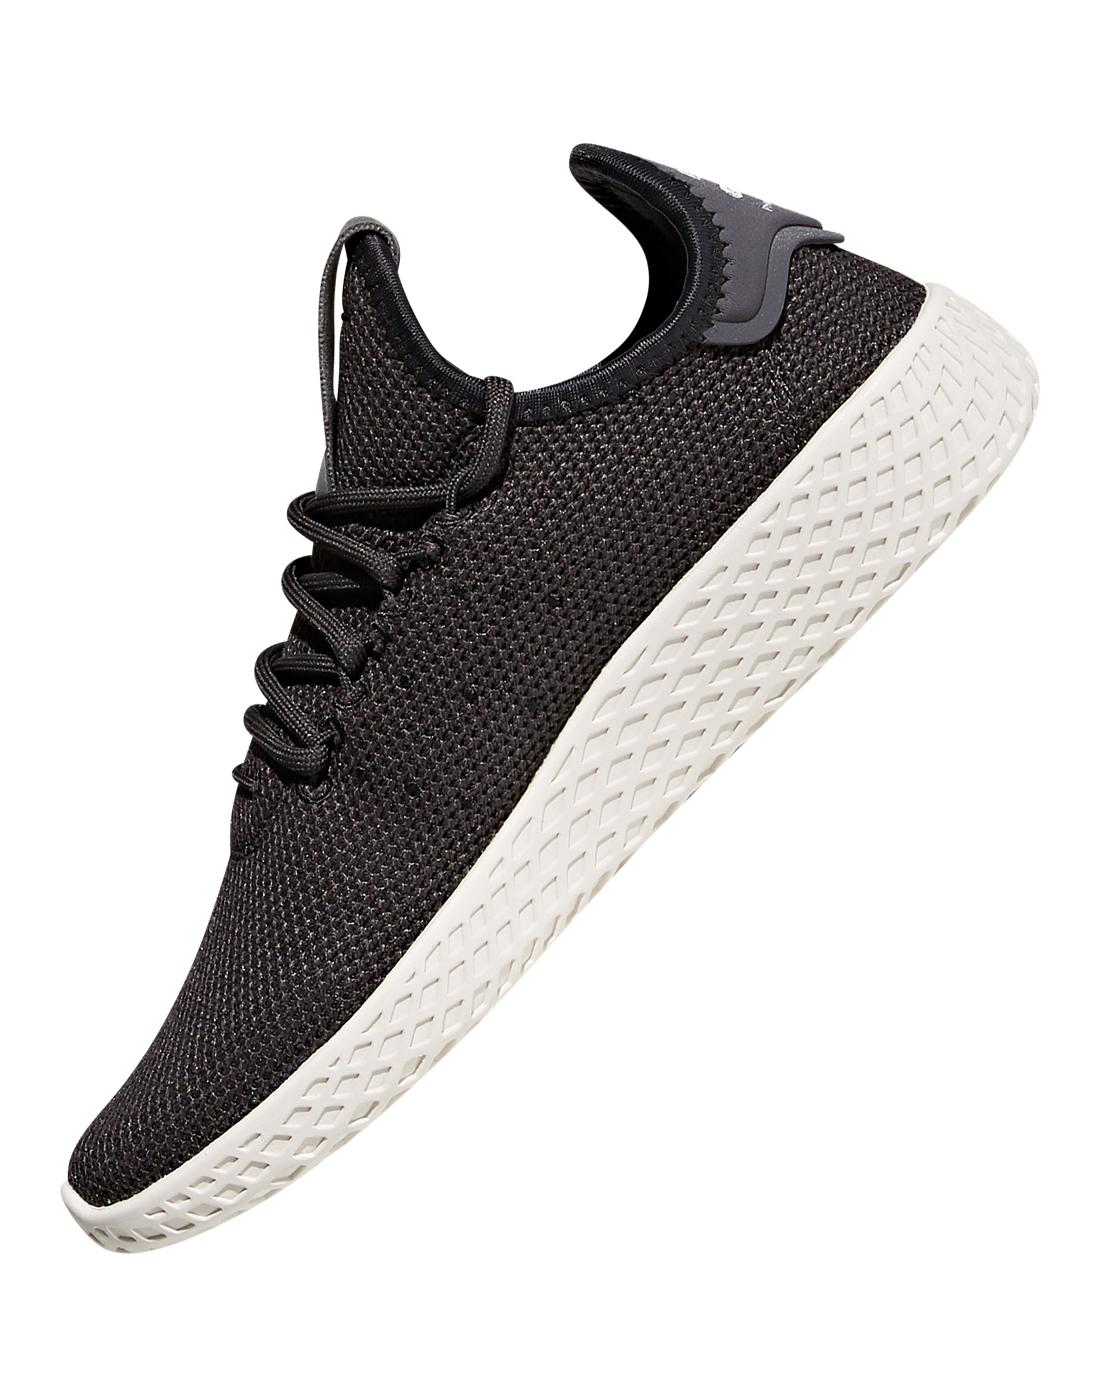 f990f7f9b8e0f adidas Originals Boys Pharrell Williams Tennis Hu